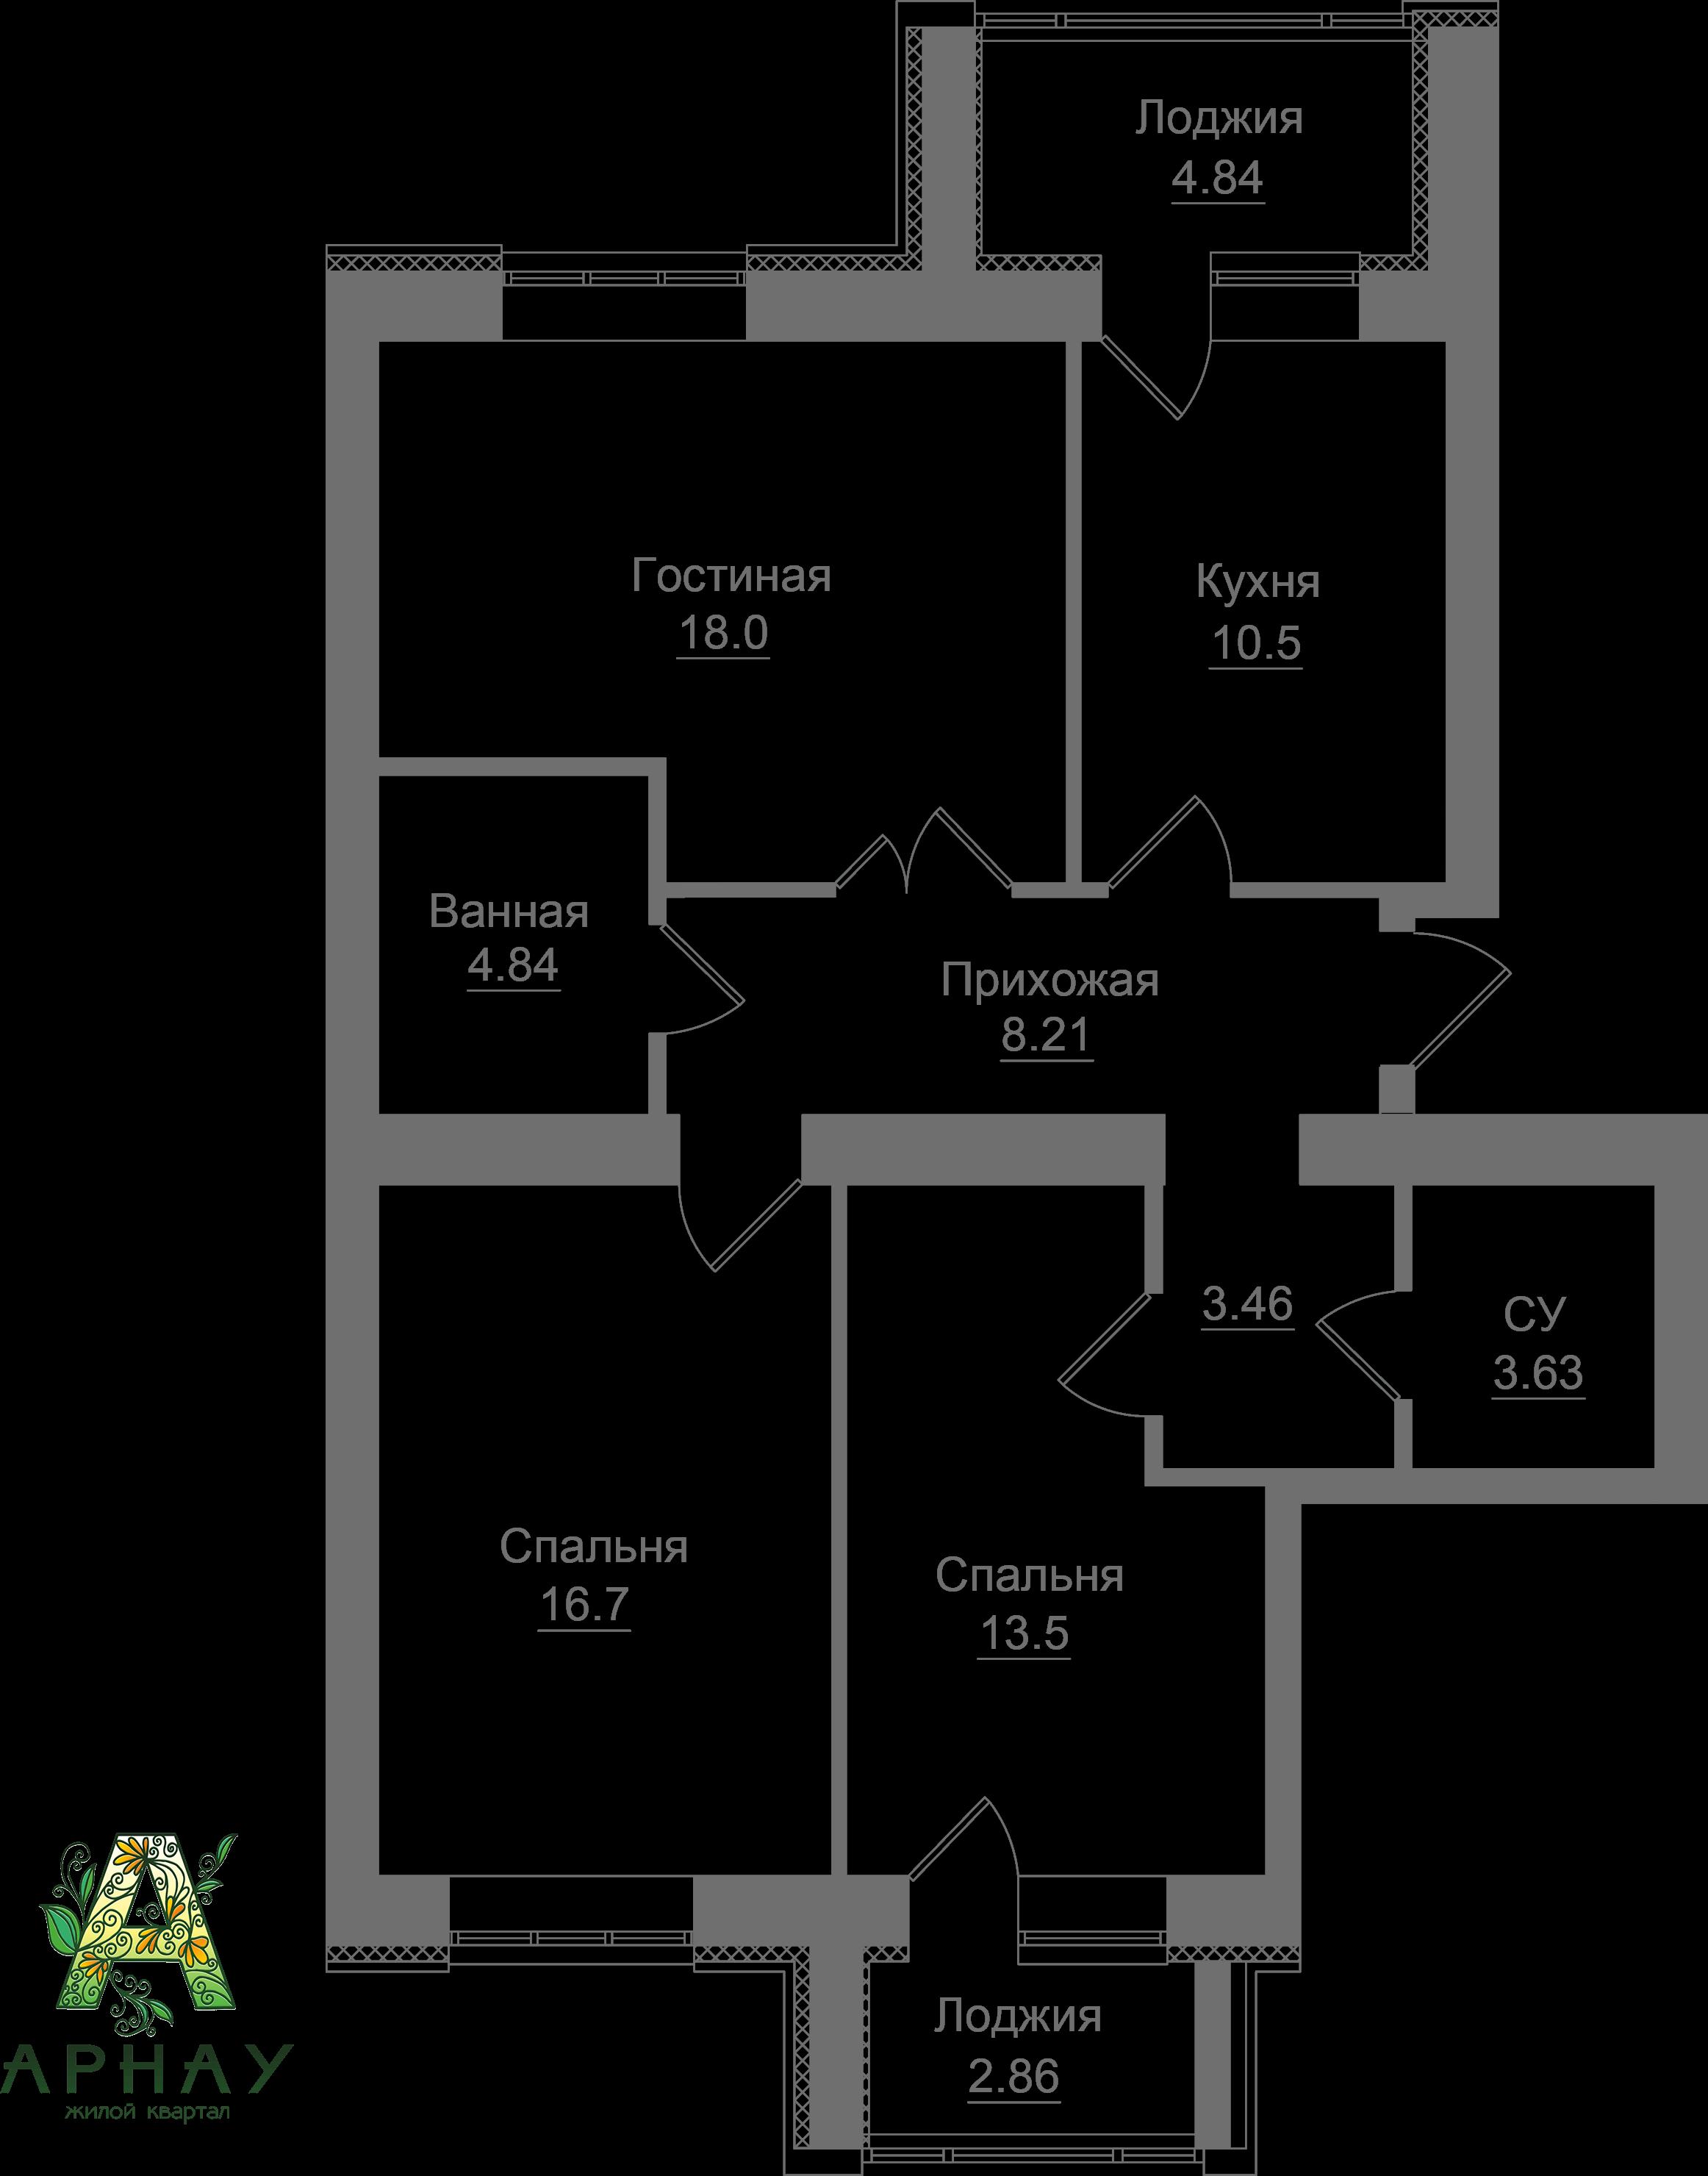 Квартира 88